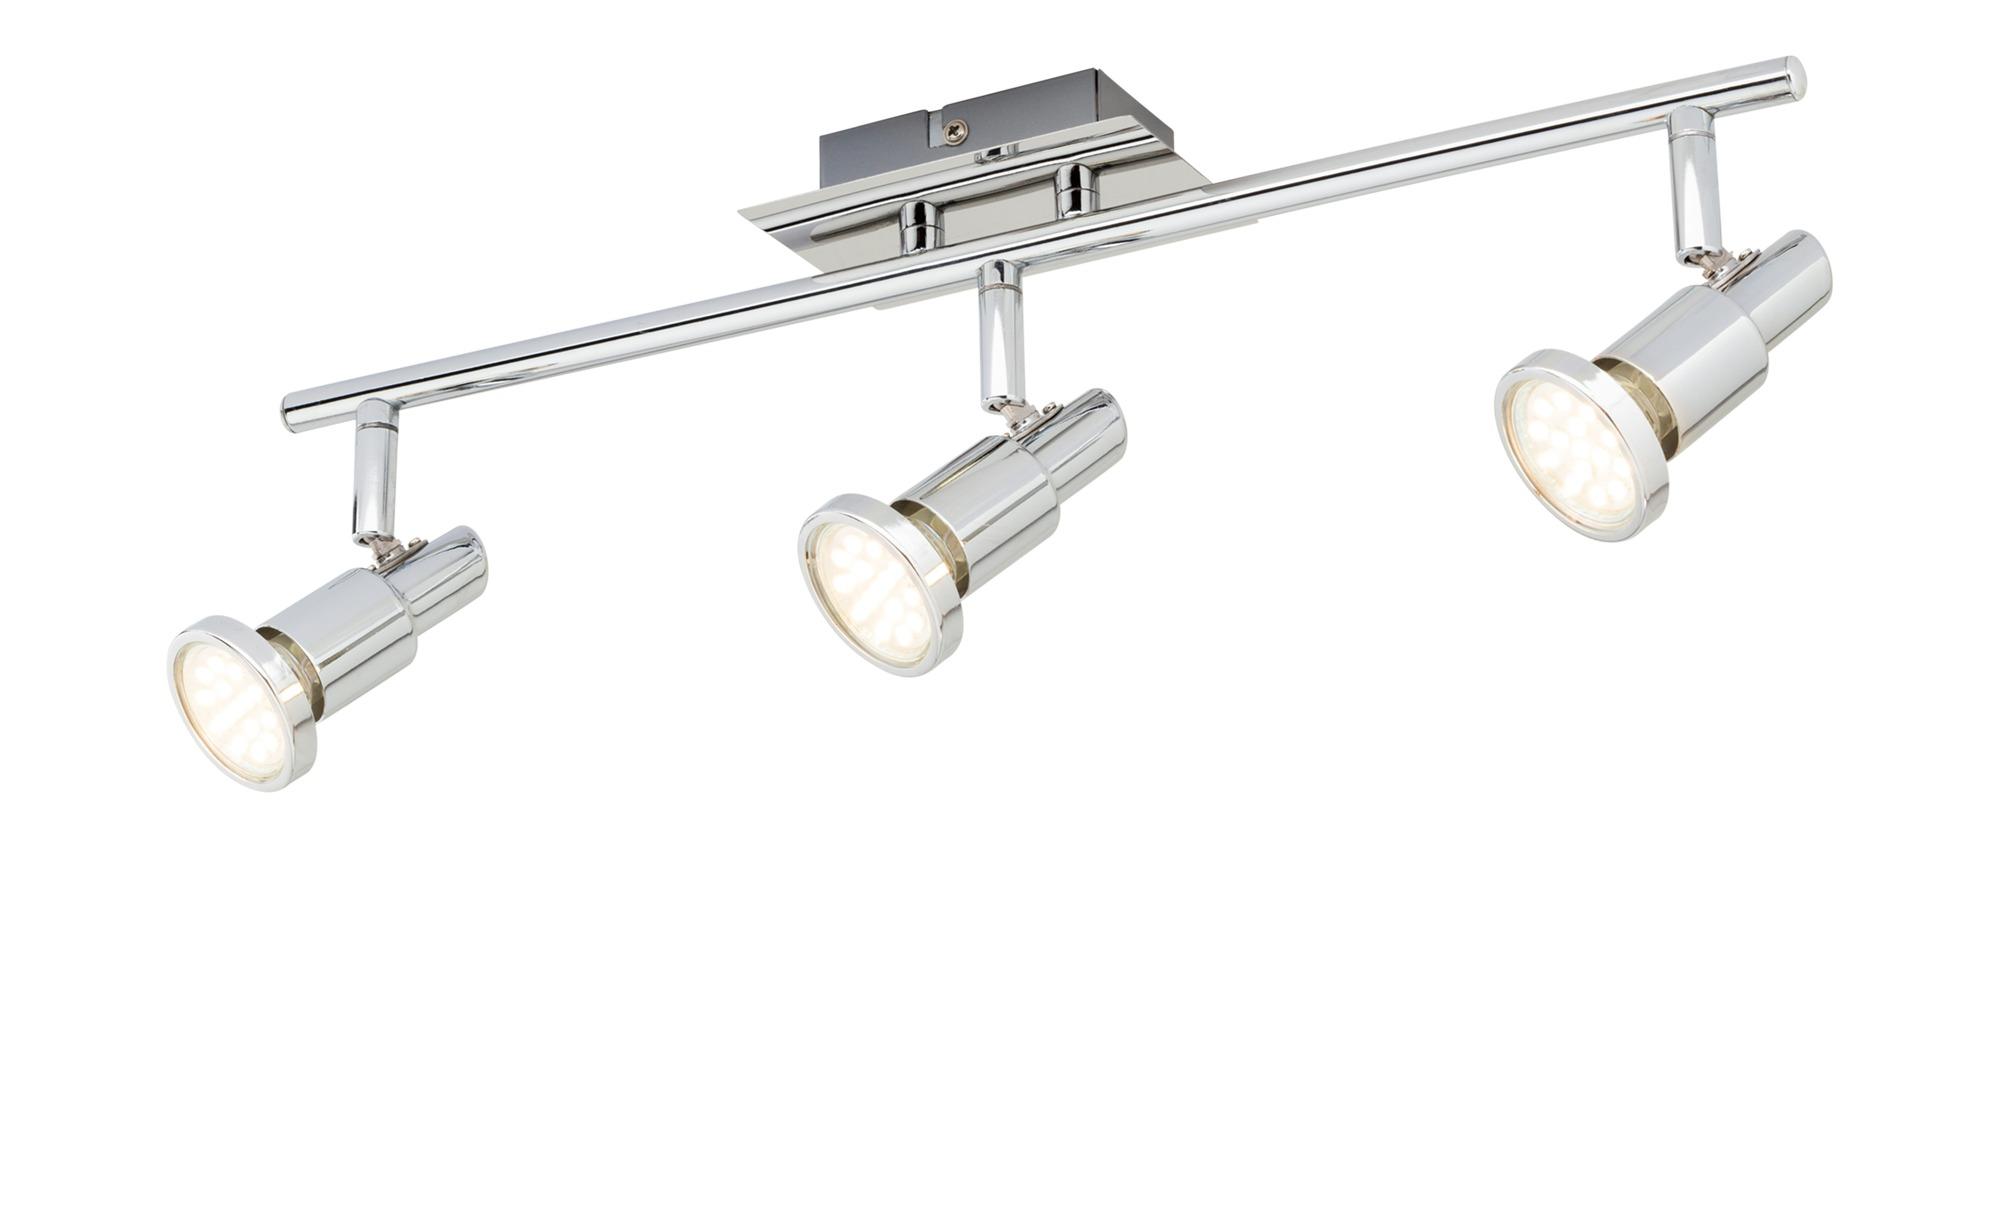 KHG LED-Deckenstrahler mit 3 schwenkbaren Spots ¦ silber ¦ Maße (cm): B: 8,5 H: 13 T: 13 Lampen & Leuchten > LED-Leuchten > LED-Strahler & Spots - Höffner